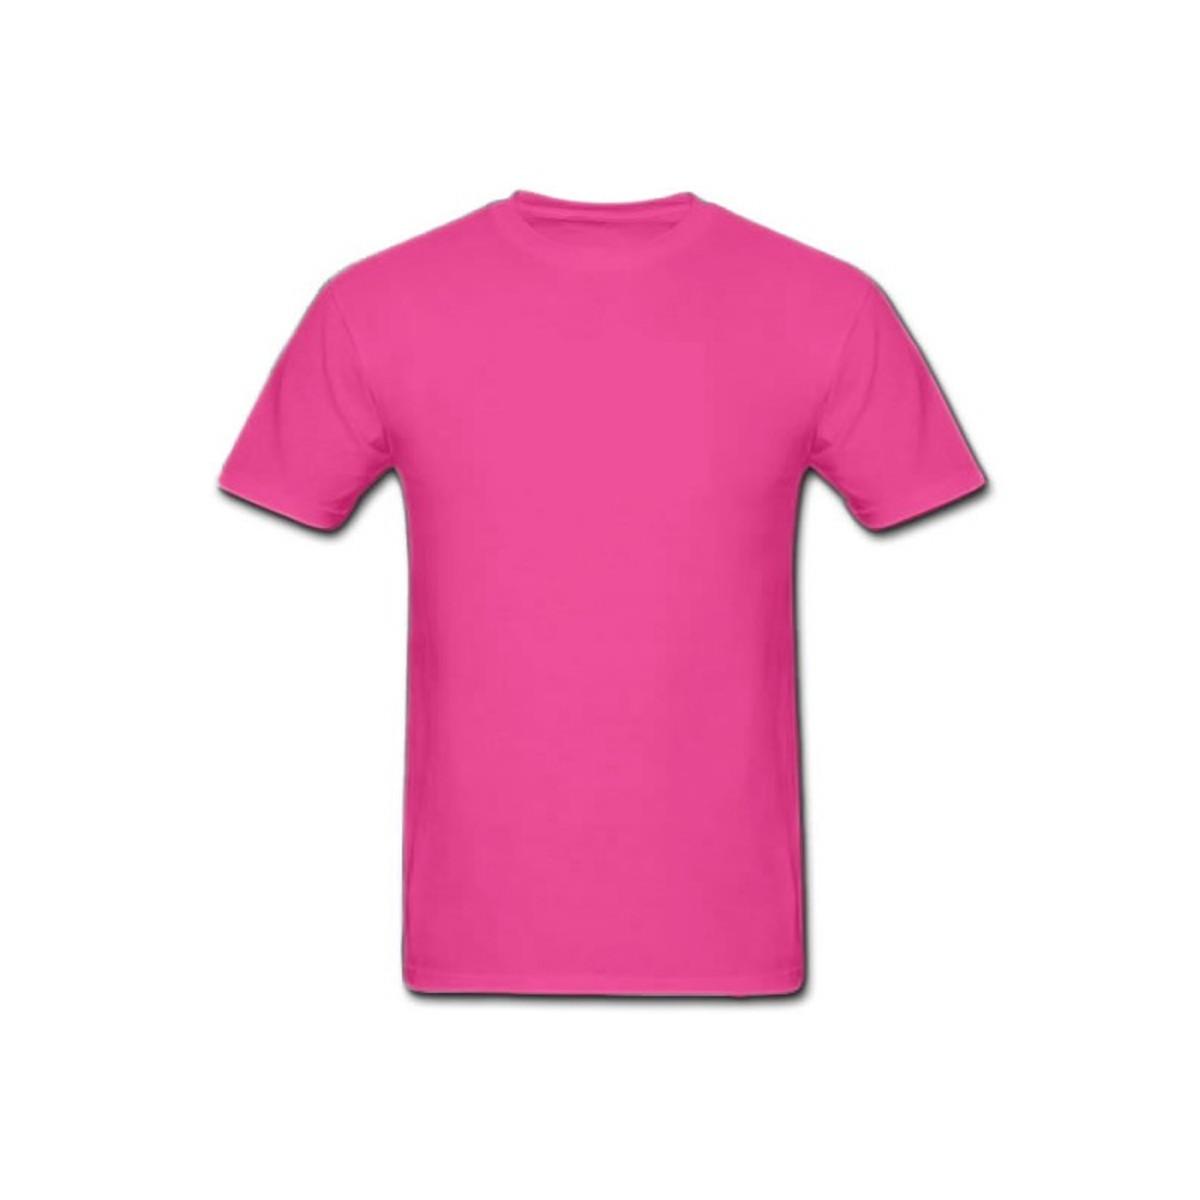 Camiseta 100% Algodão Rosa Pink no Elo7  c9f1e7186b054